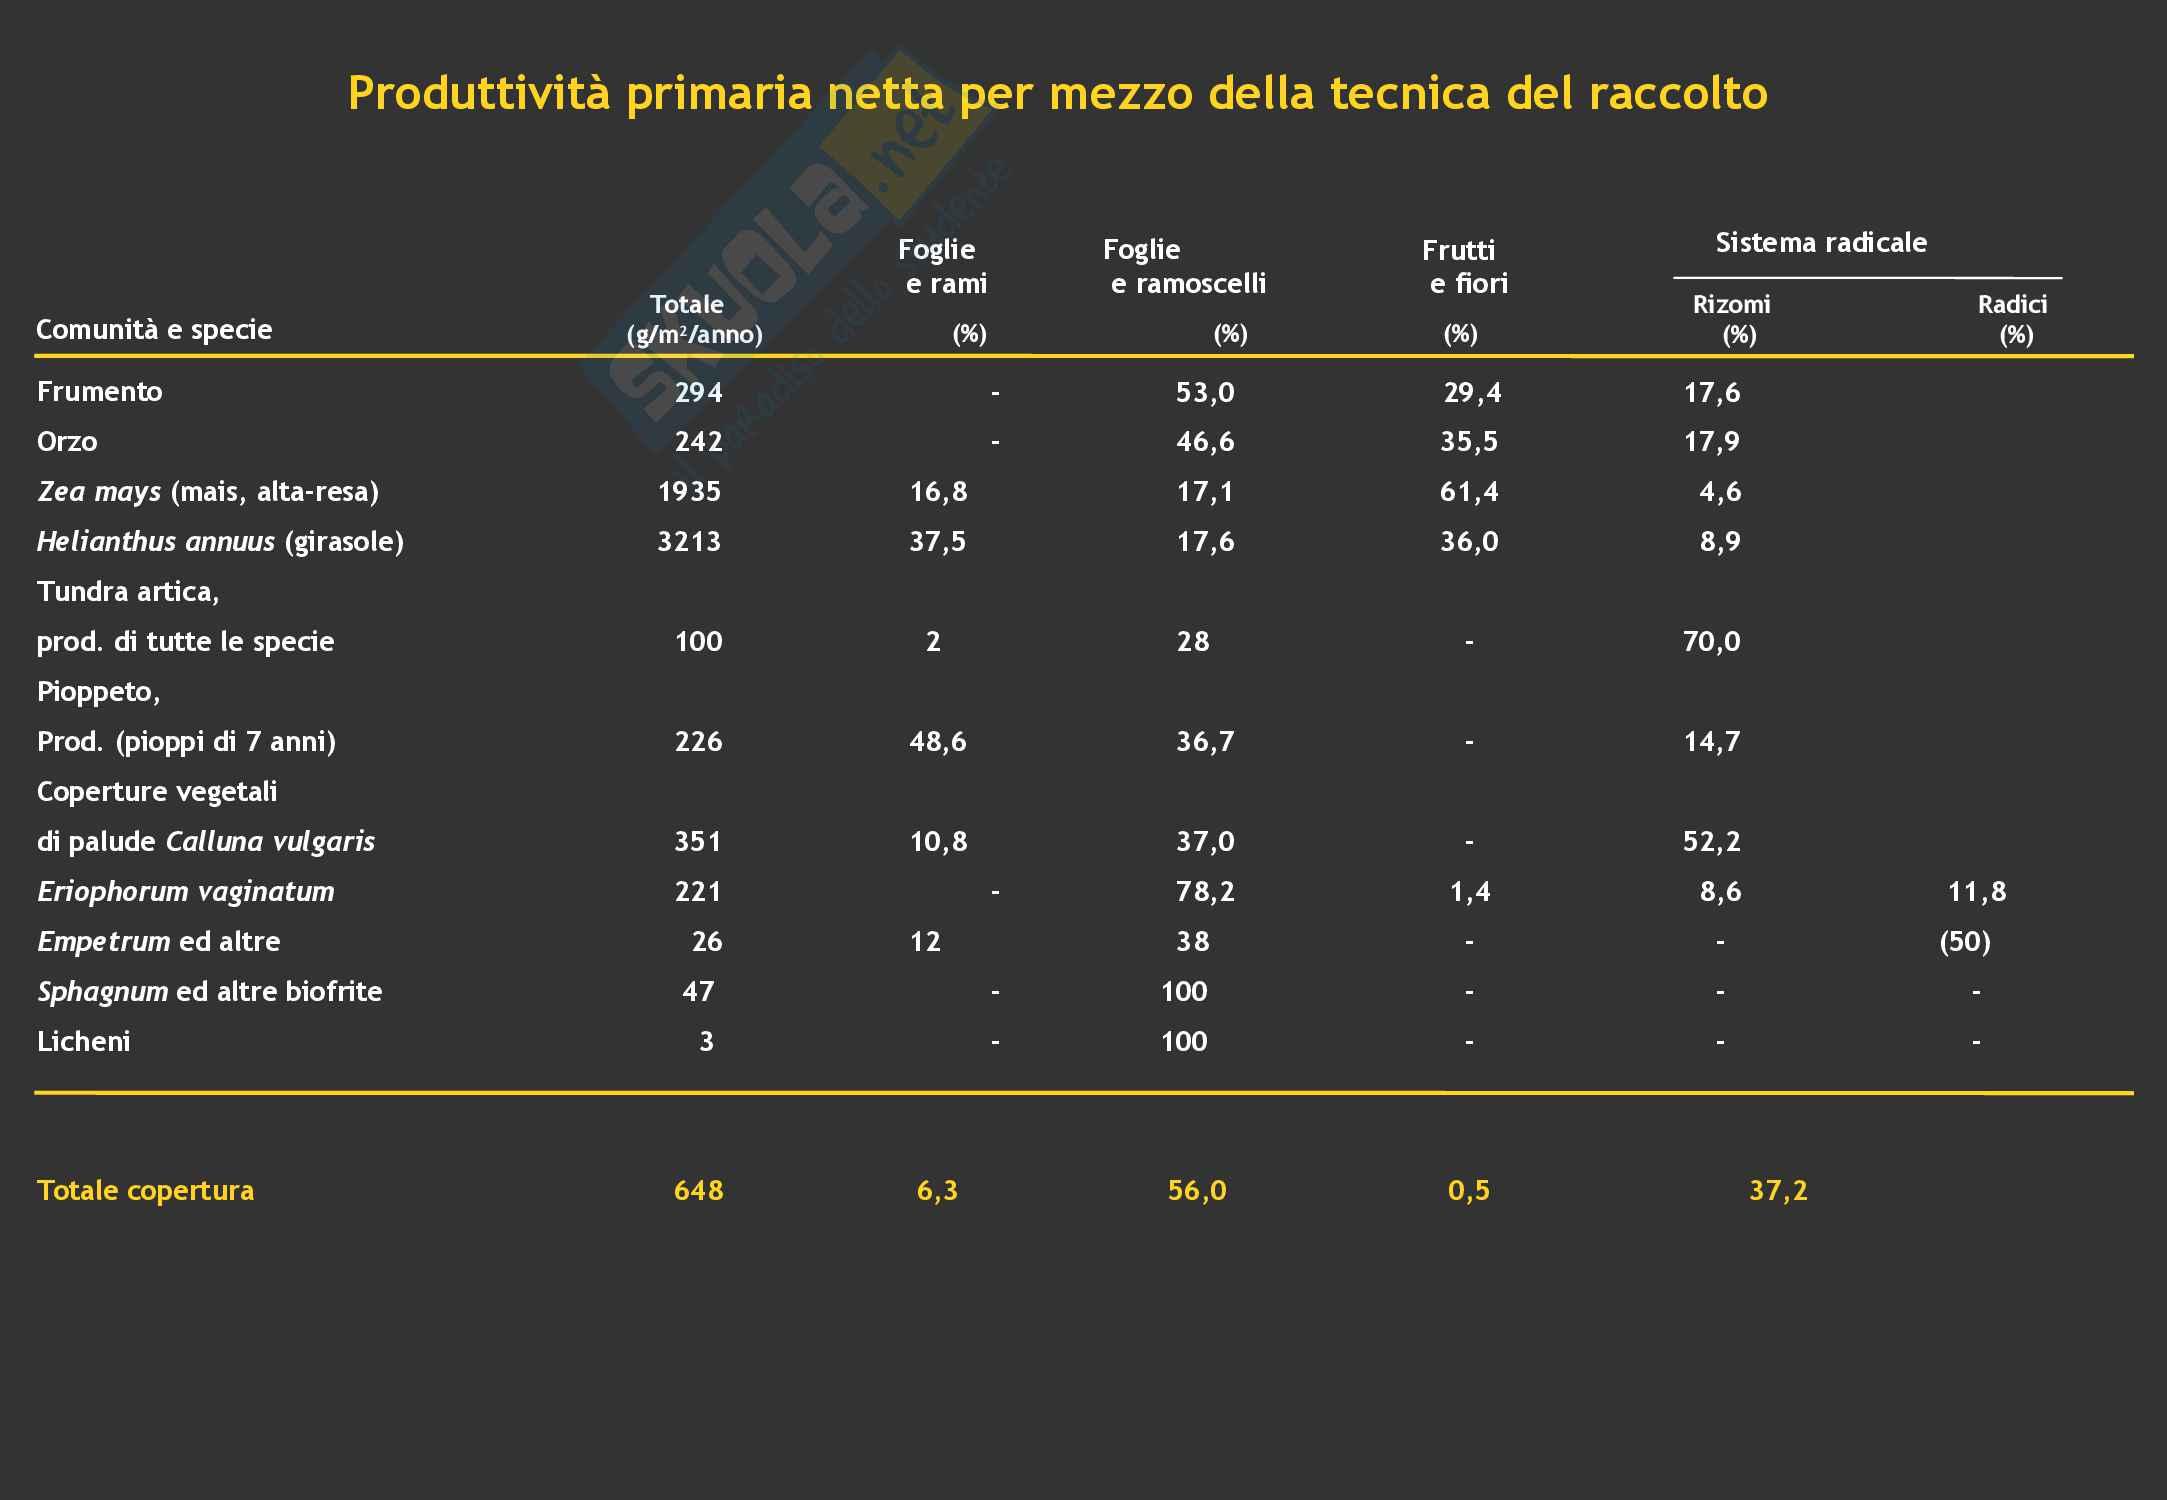 Ecologia: Misure di produttività primaria netta Pag. 6